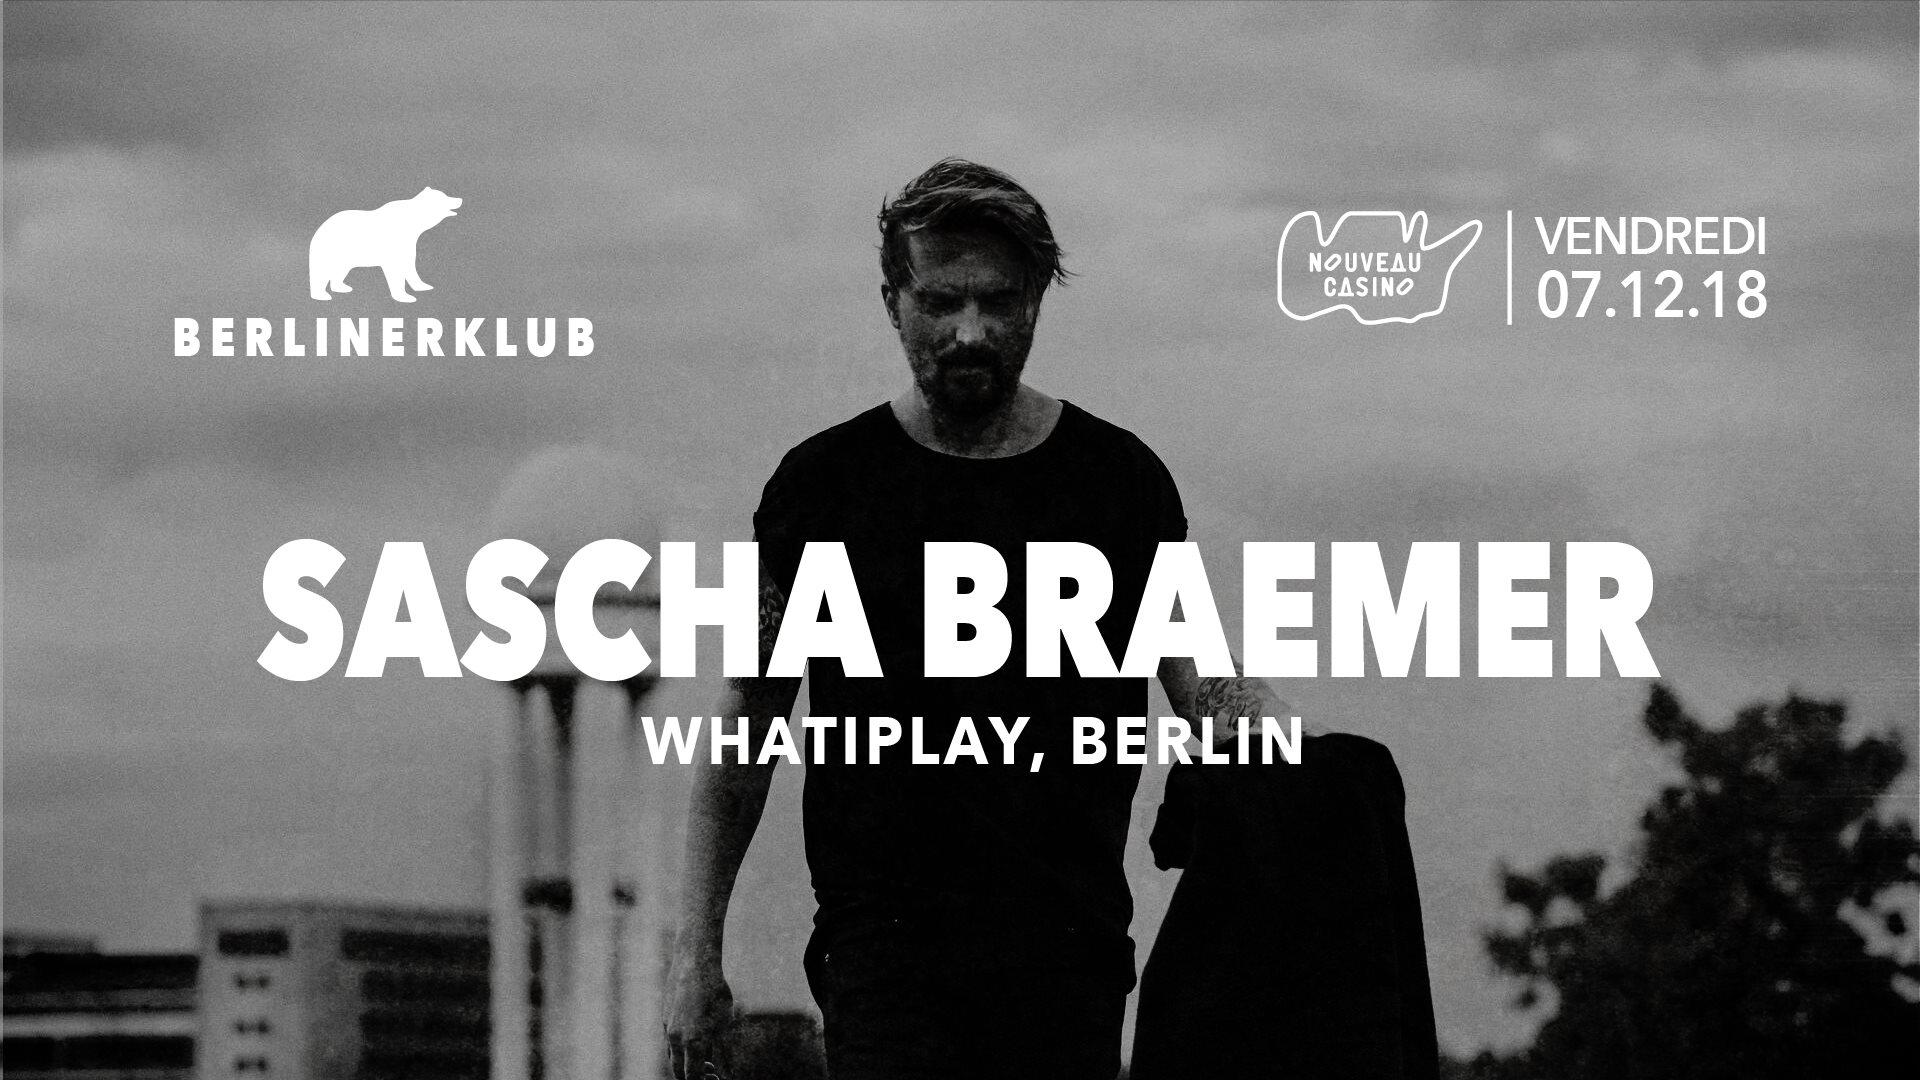 Berliner Klub : Sascha Braemer (Extended set)